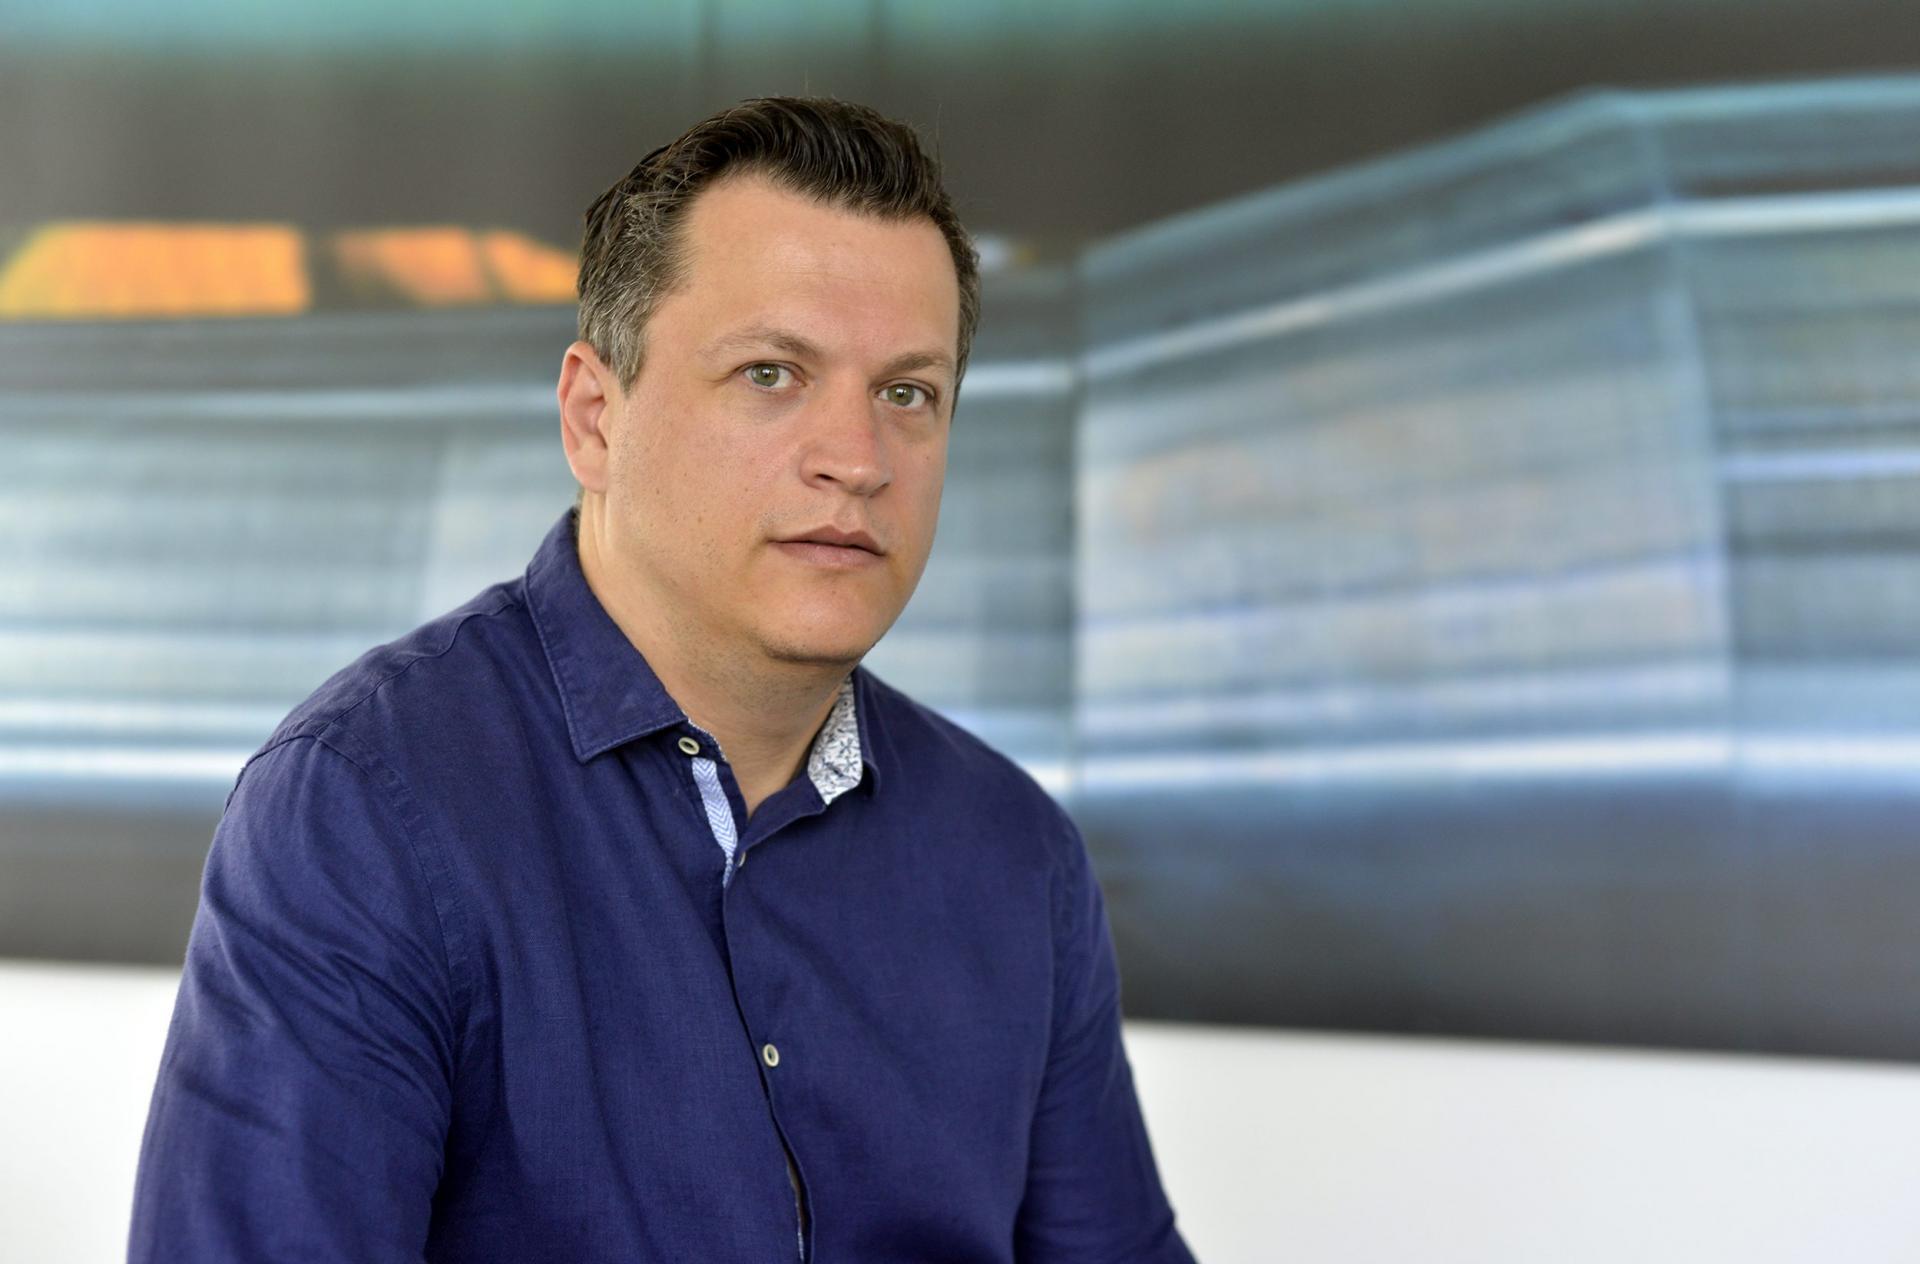 Zagreb, 290617. Tomislav Mazal predsjednik Uprave Djuro Djakovic Grupe. Foto: Bruno Konjevic/CROPIX